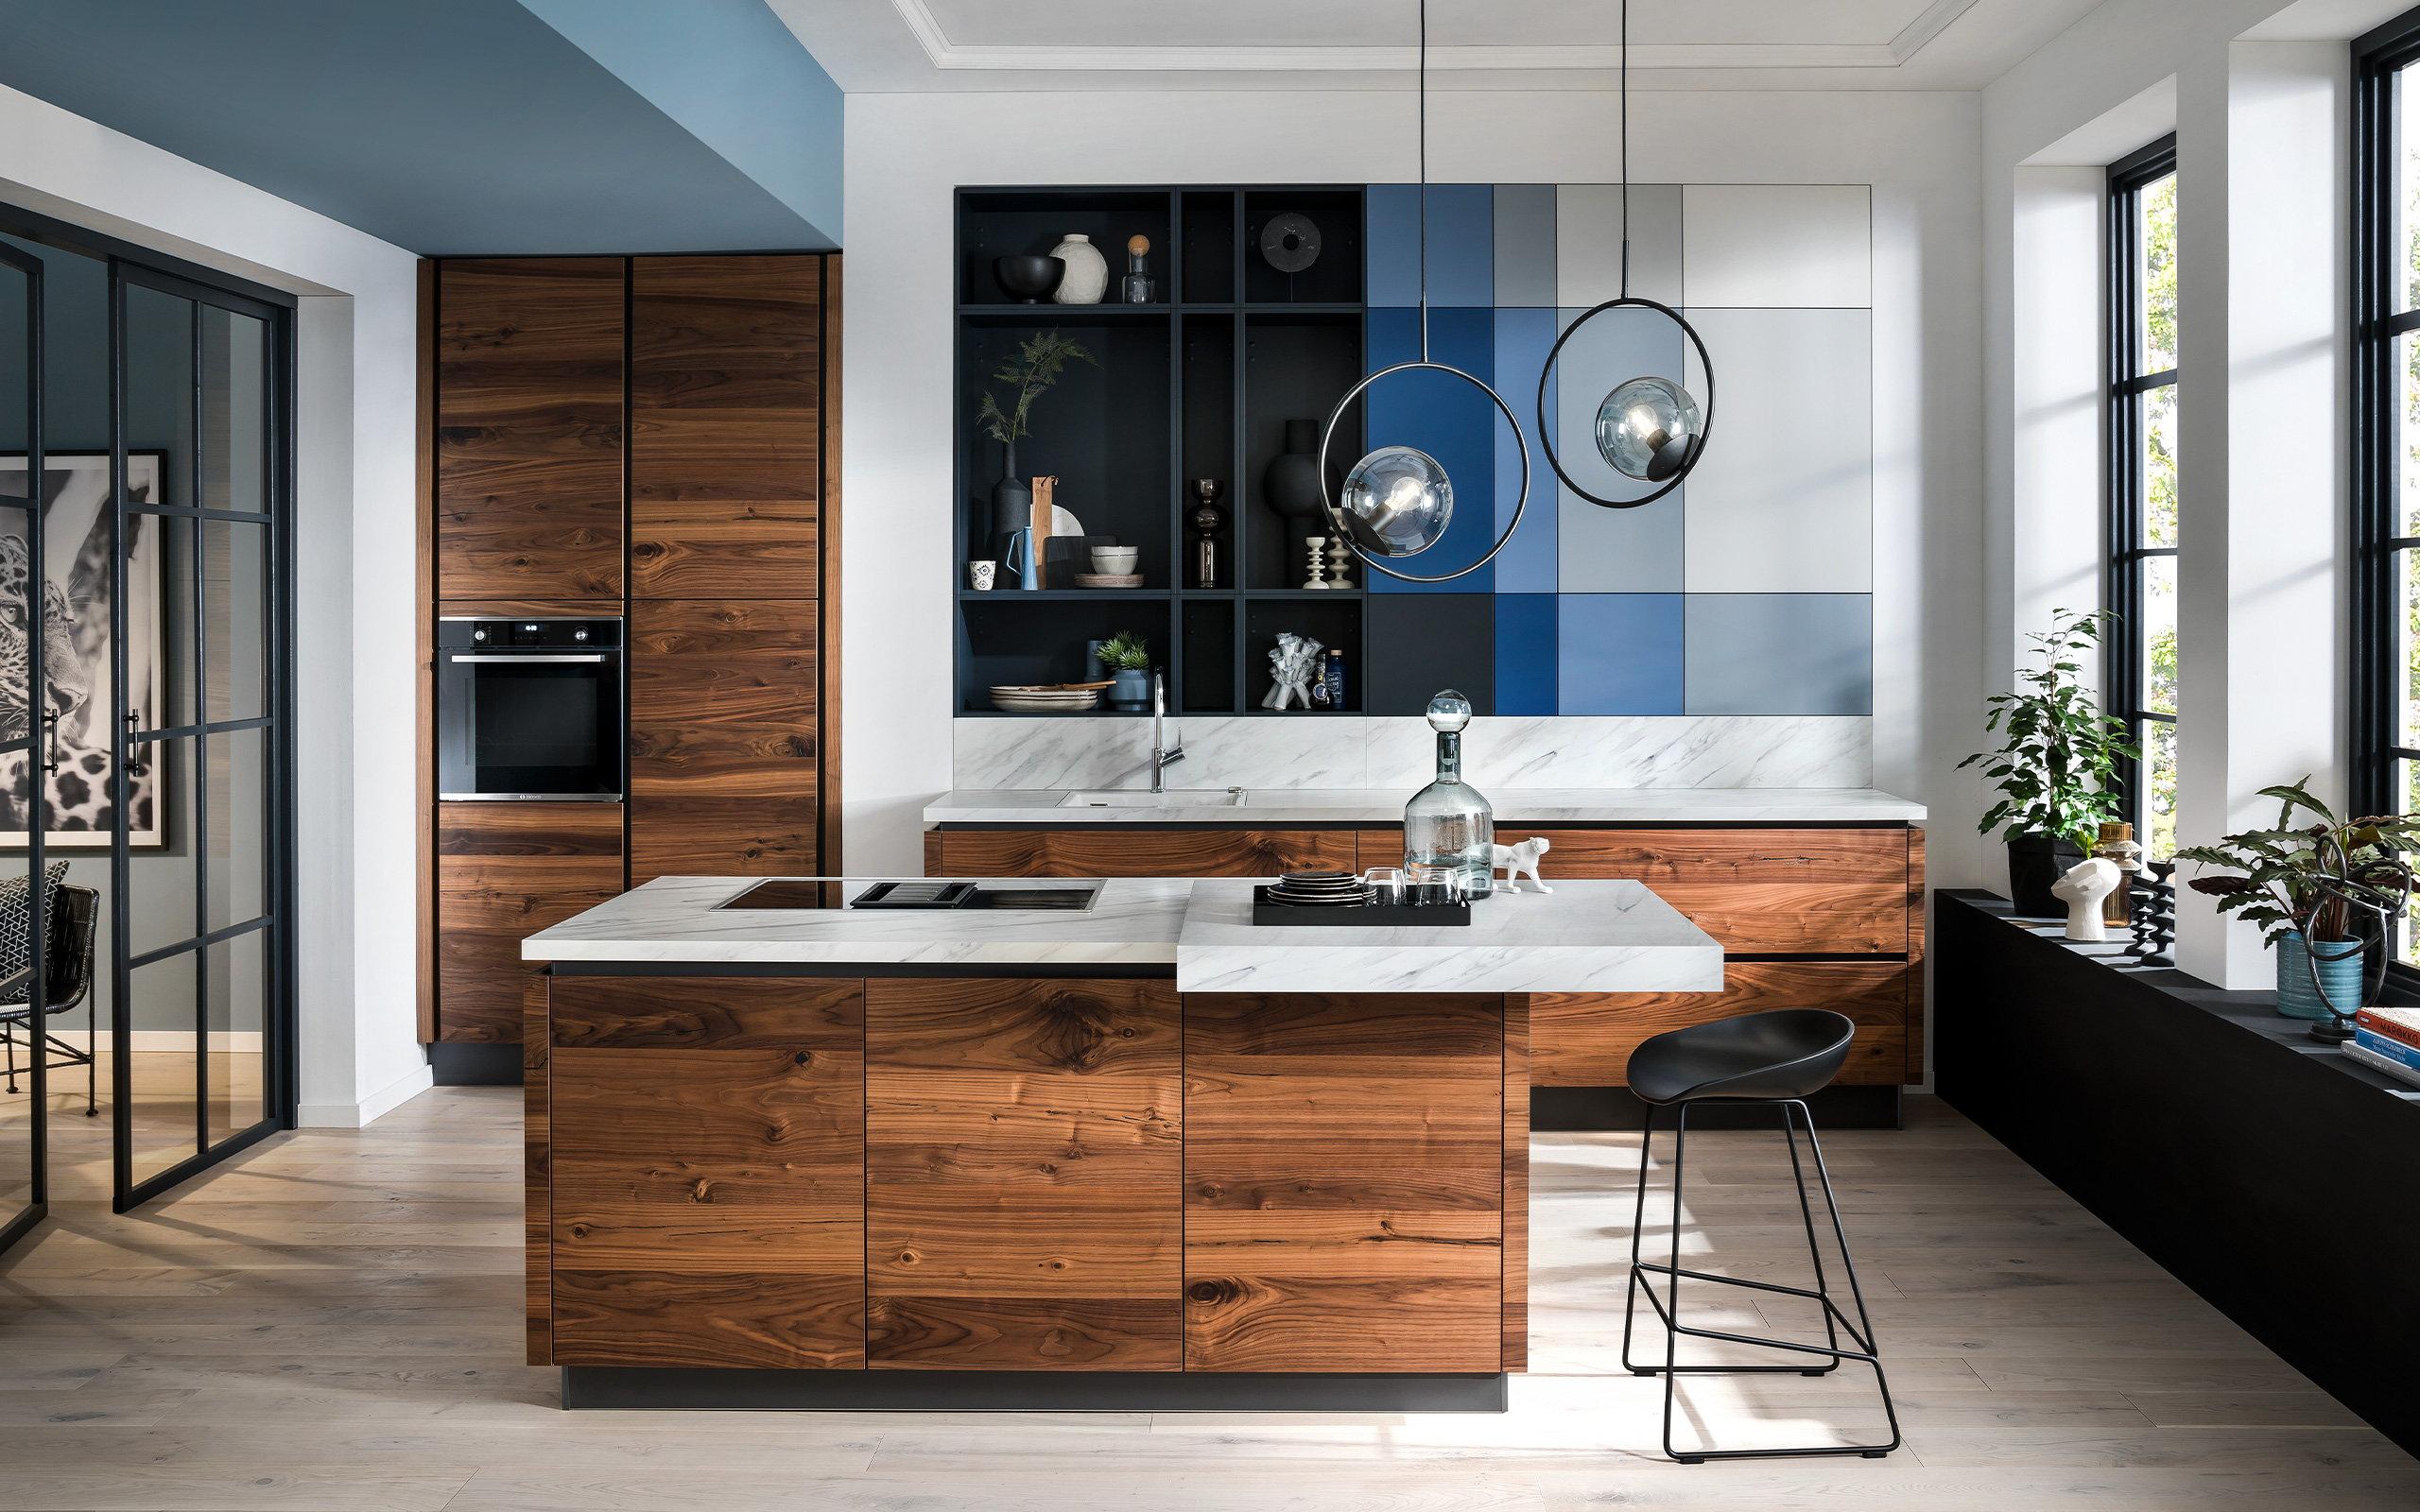 Zichtzijden & keukendeurtjes keuken kleuren: wit, blauw en grijs tinten, Häcker keuken AV 6080 walnoot